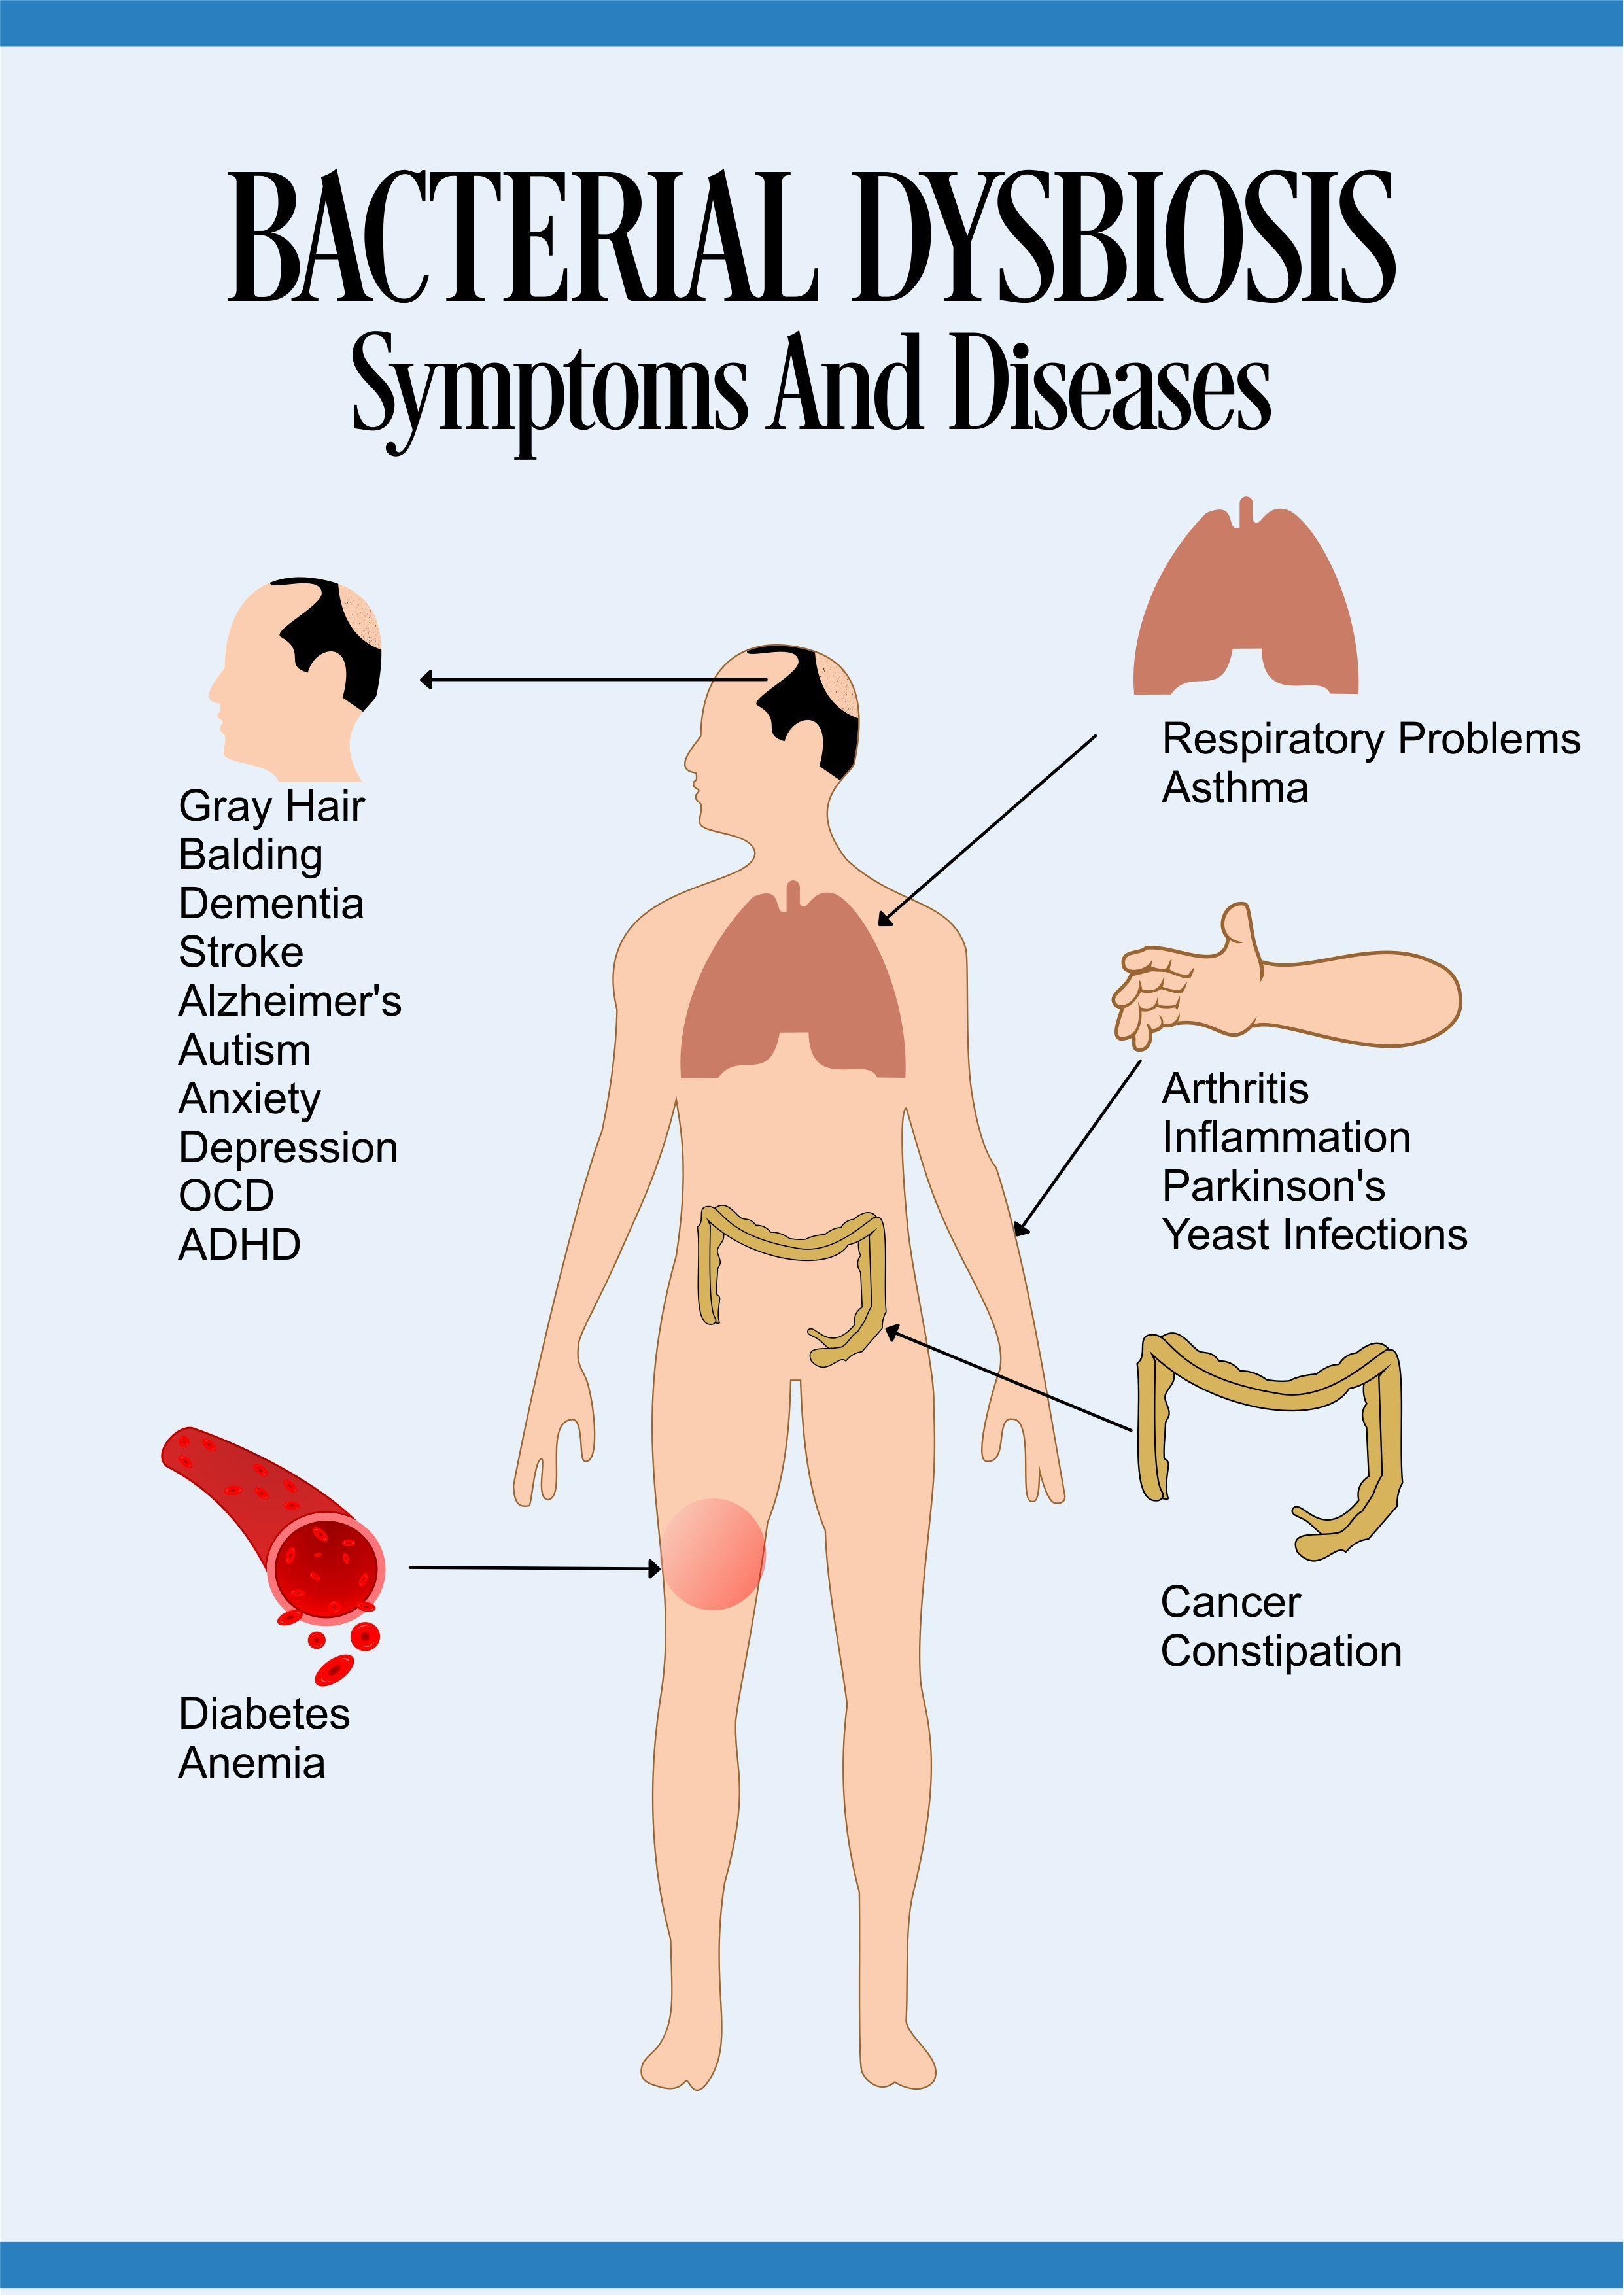 candida dysbiosis